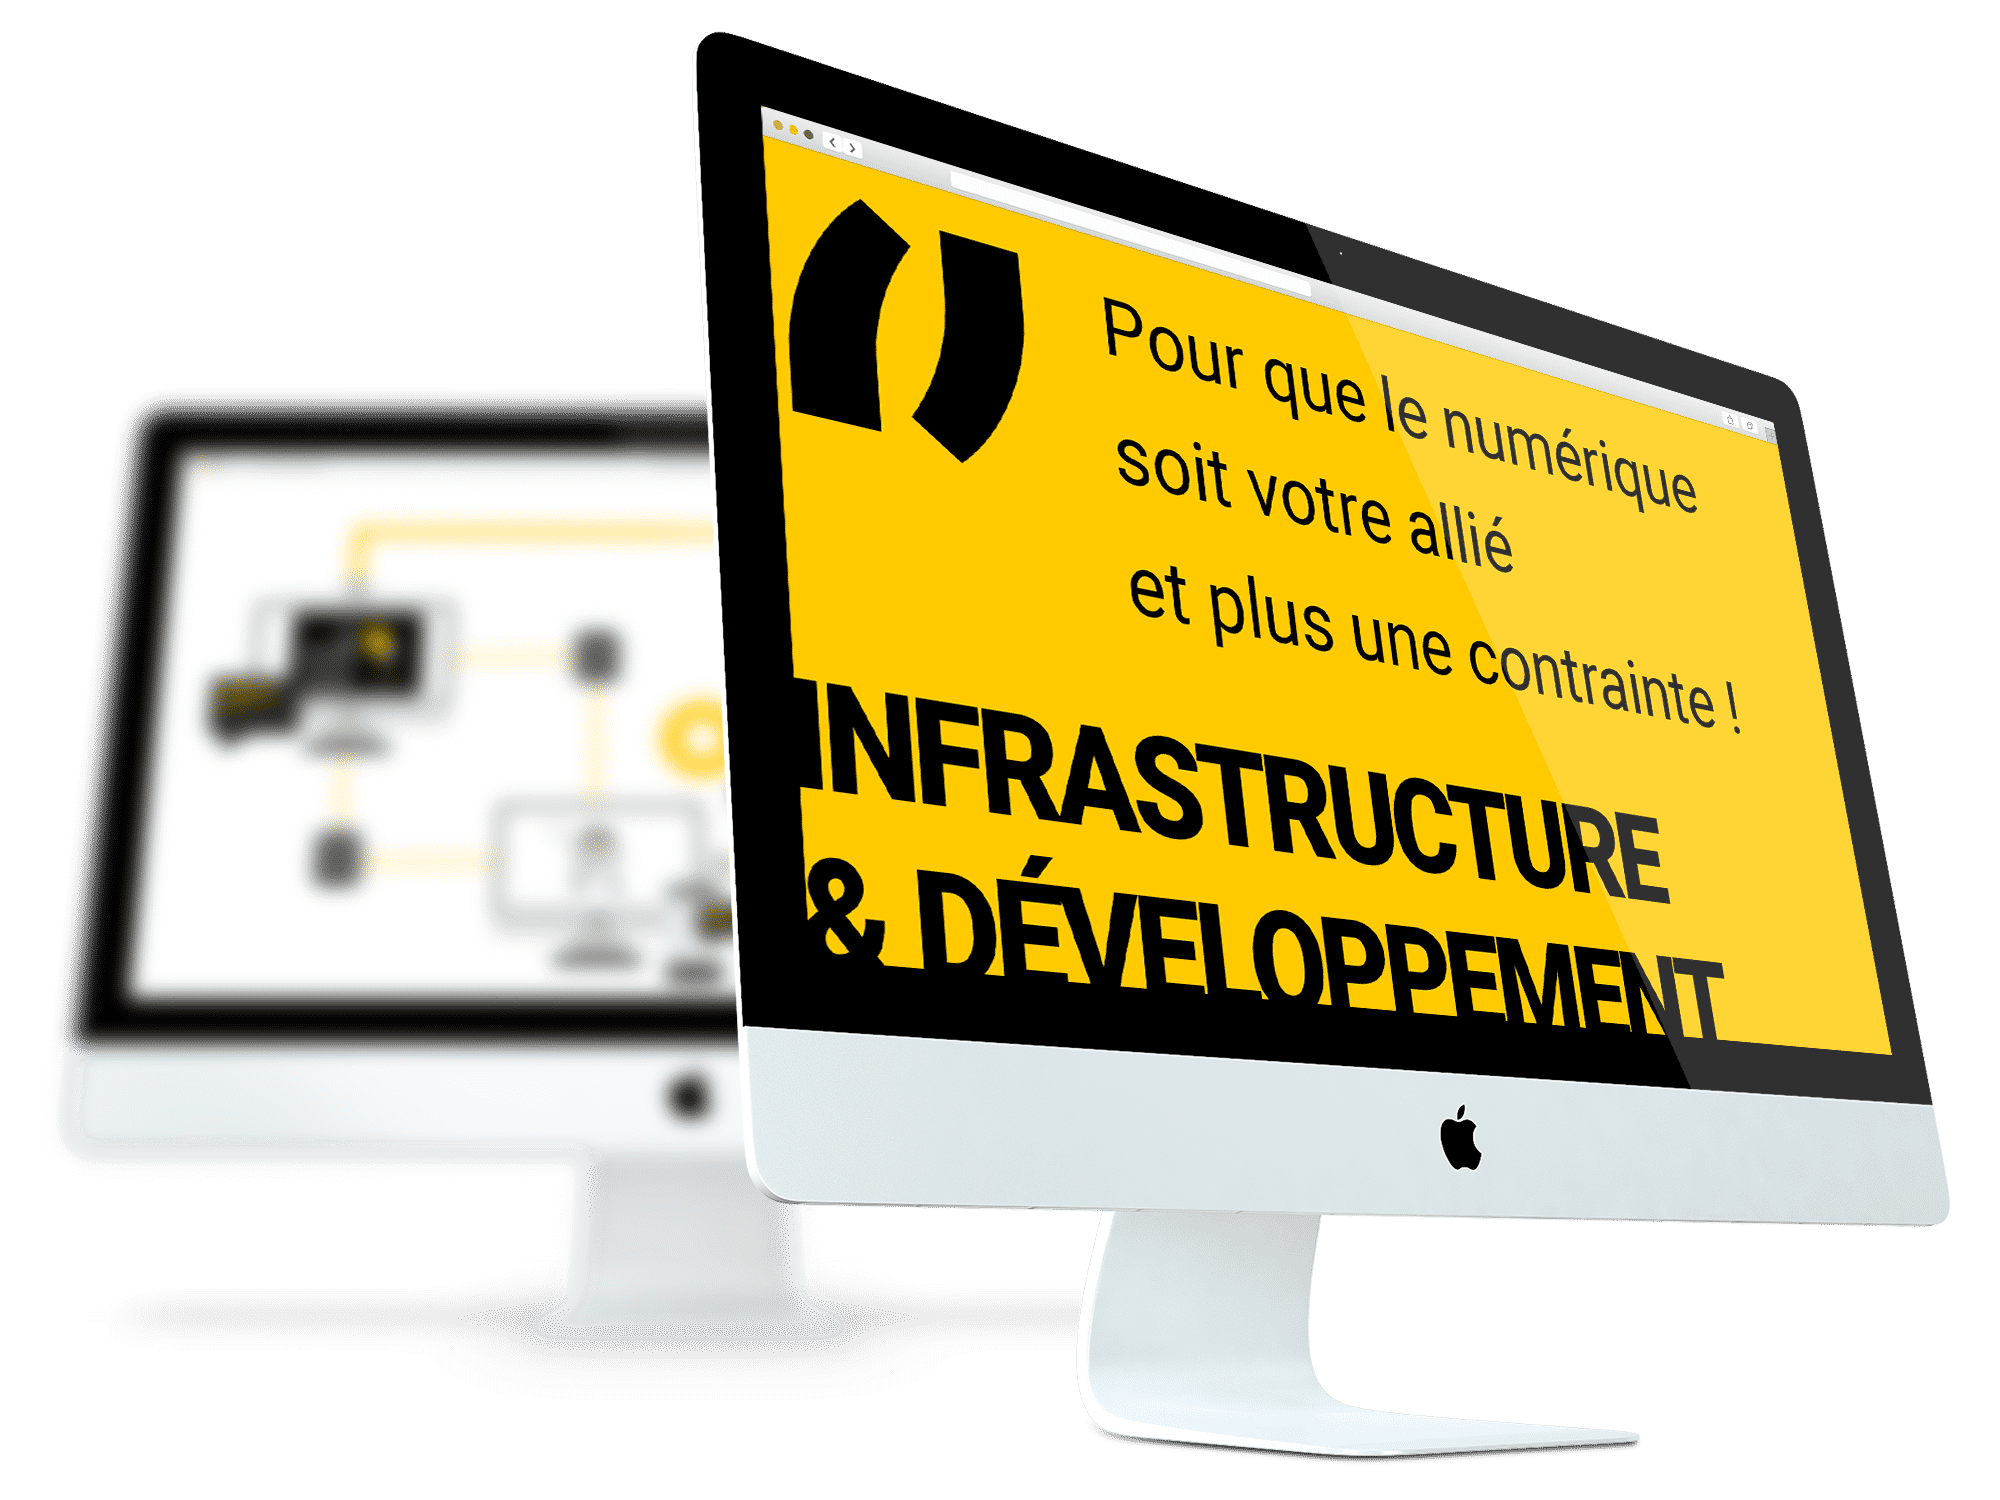 Aller à infrastructure et développement